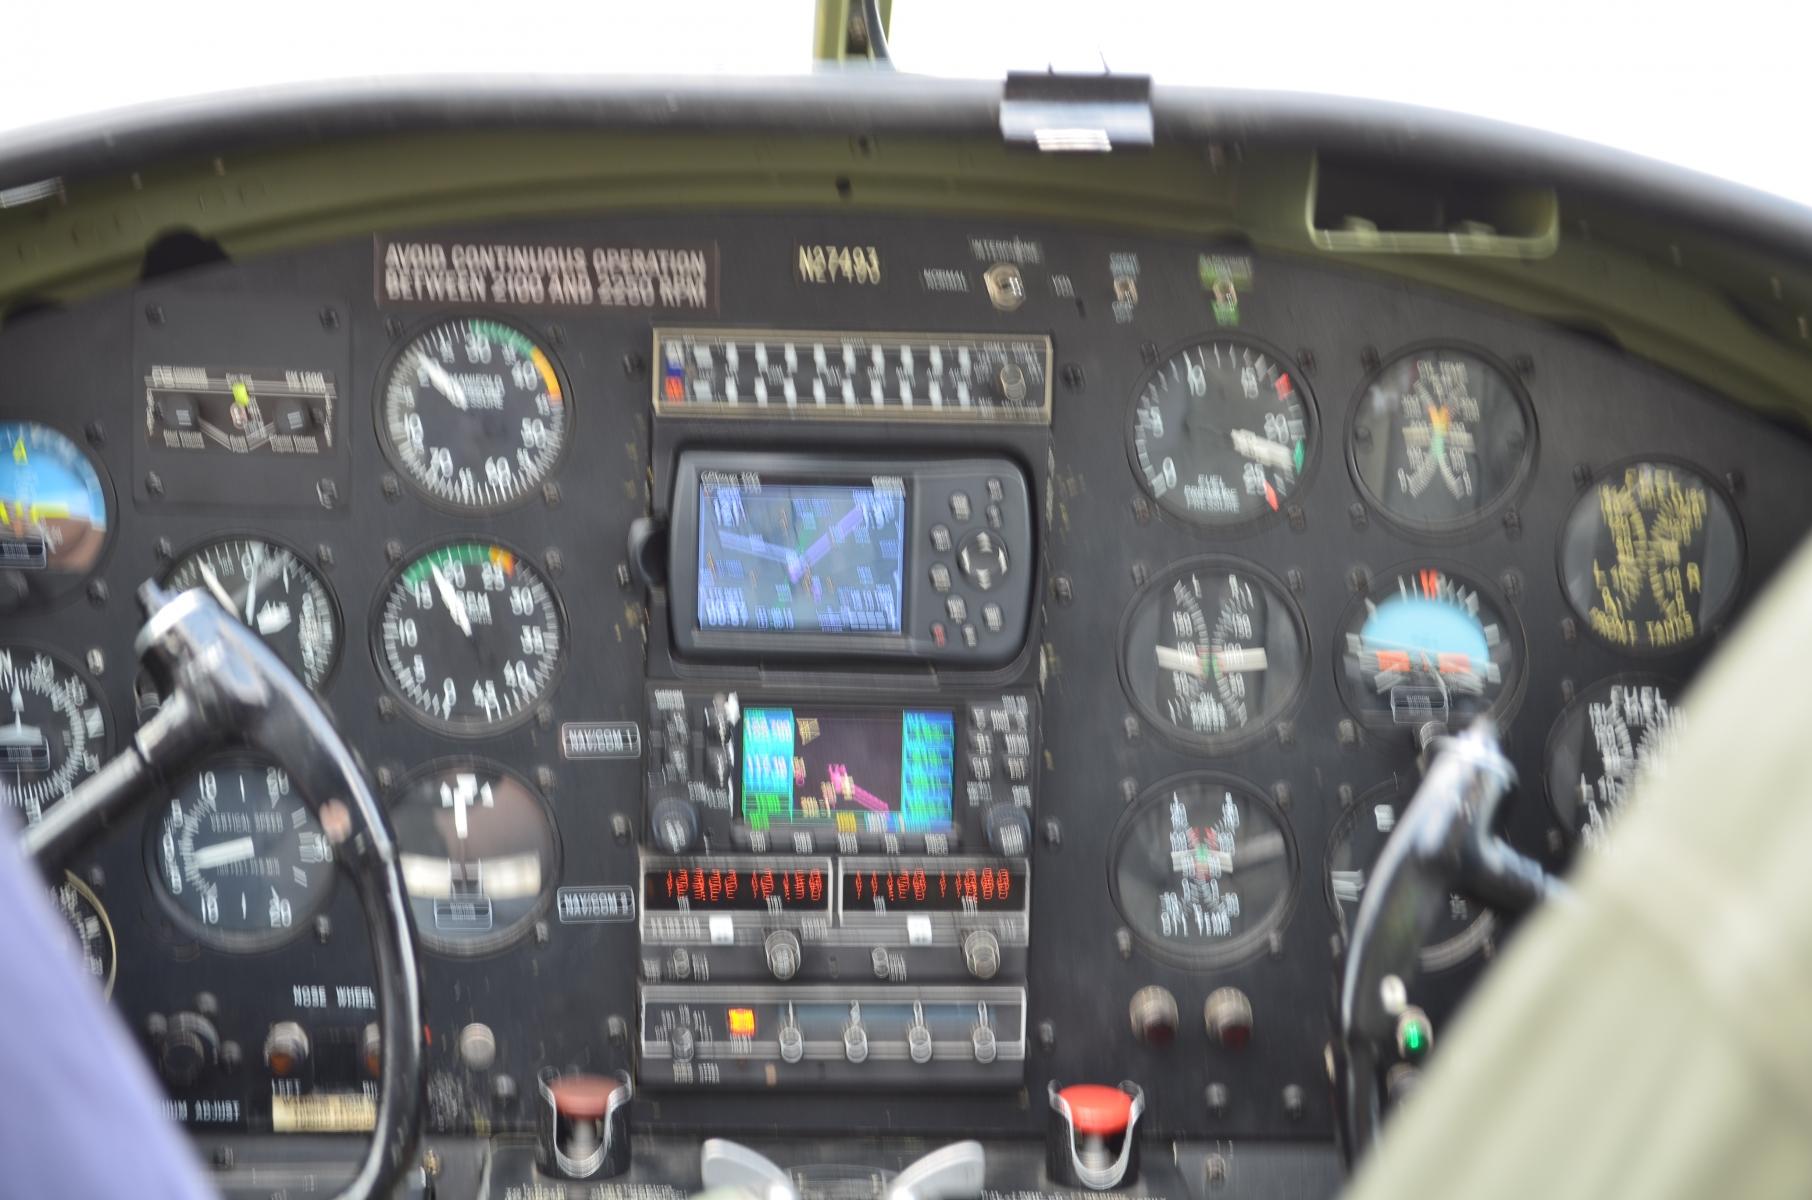 DSC 1323